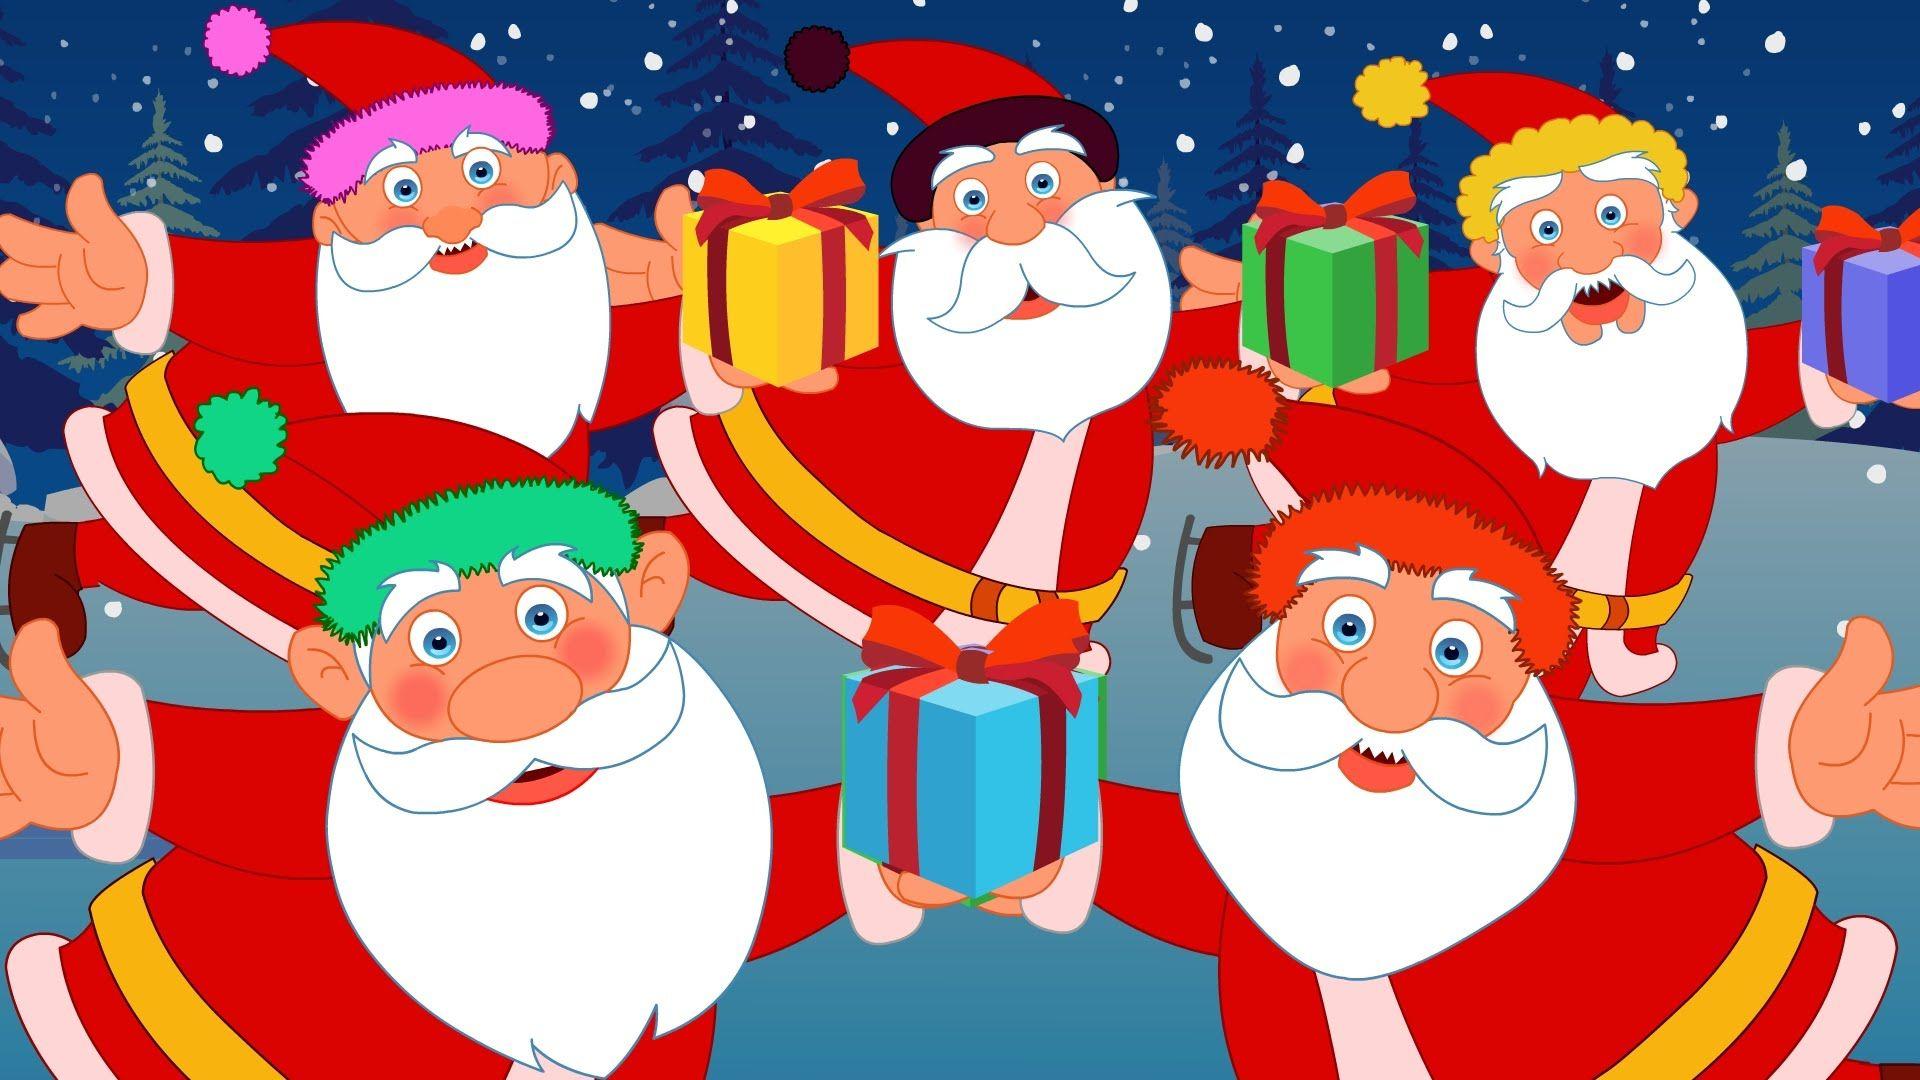 Five Fat Santas